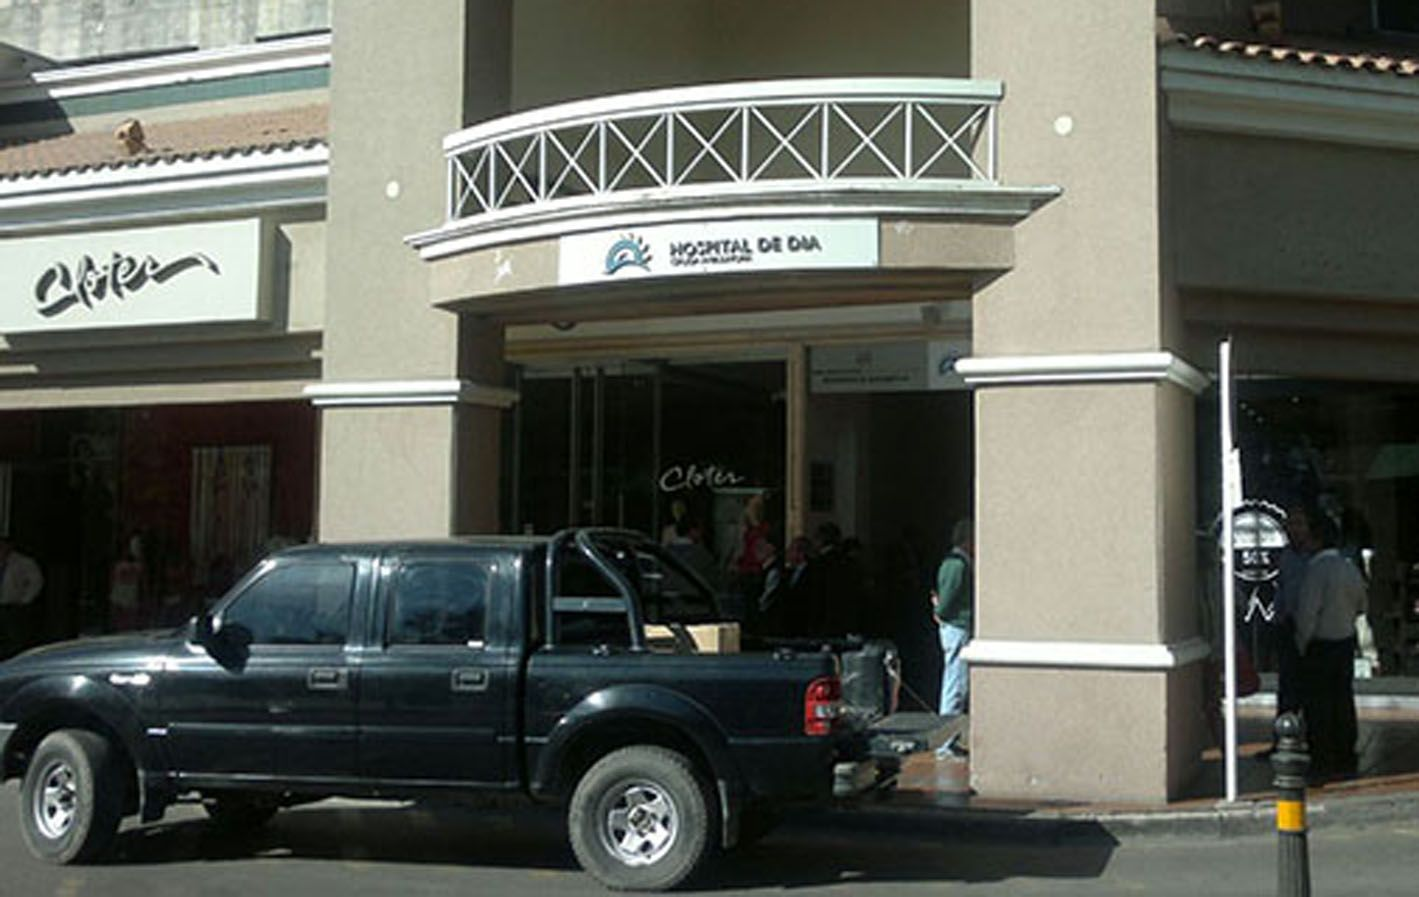 El hecho ocurrió poco después de las 13 en el Centro Médico Palmares